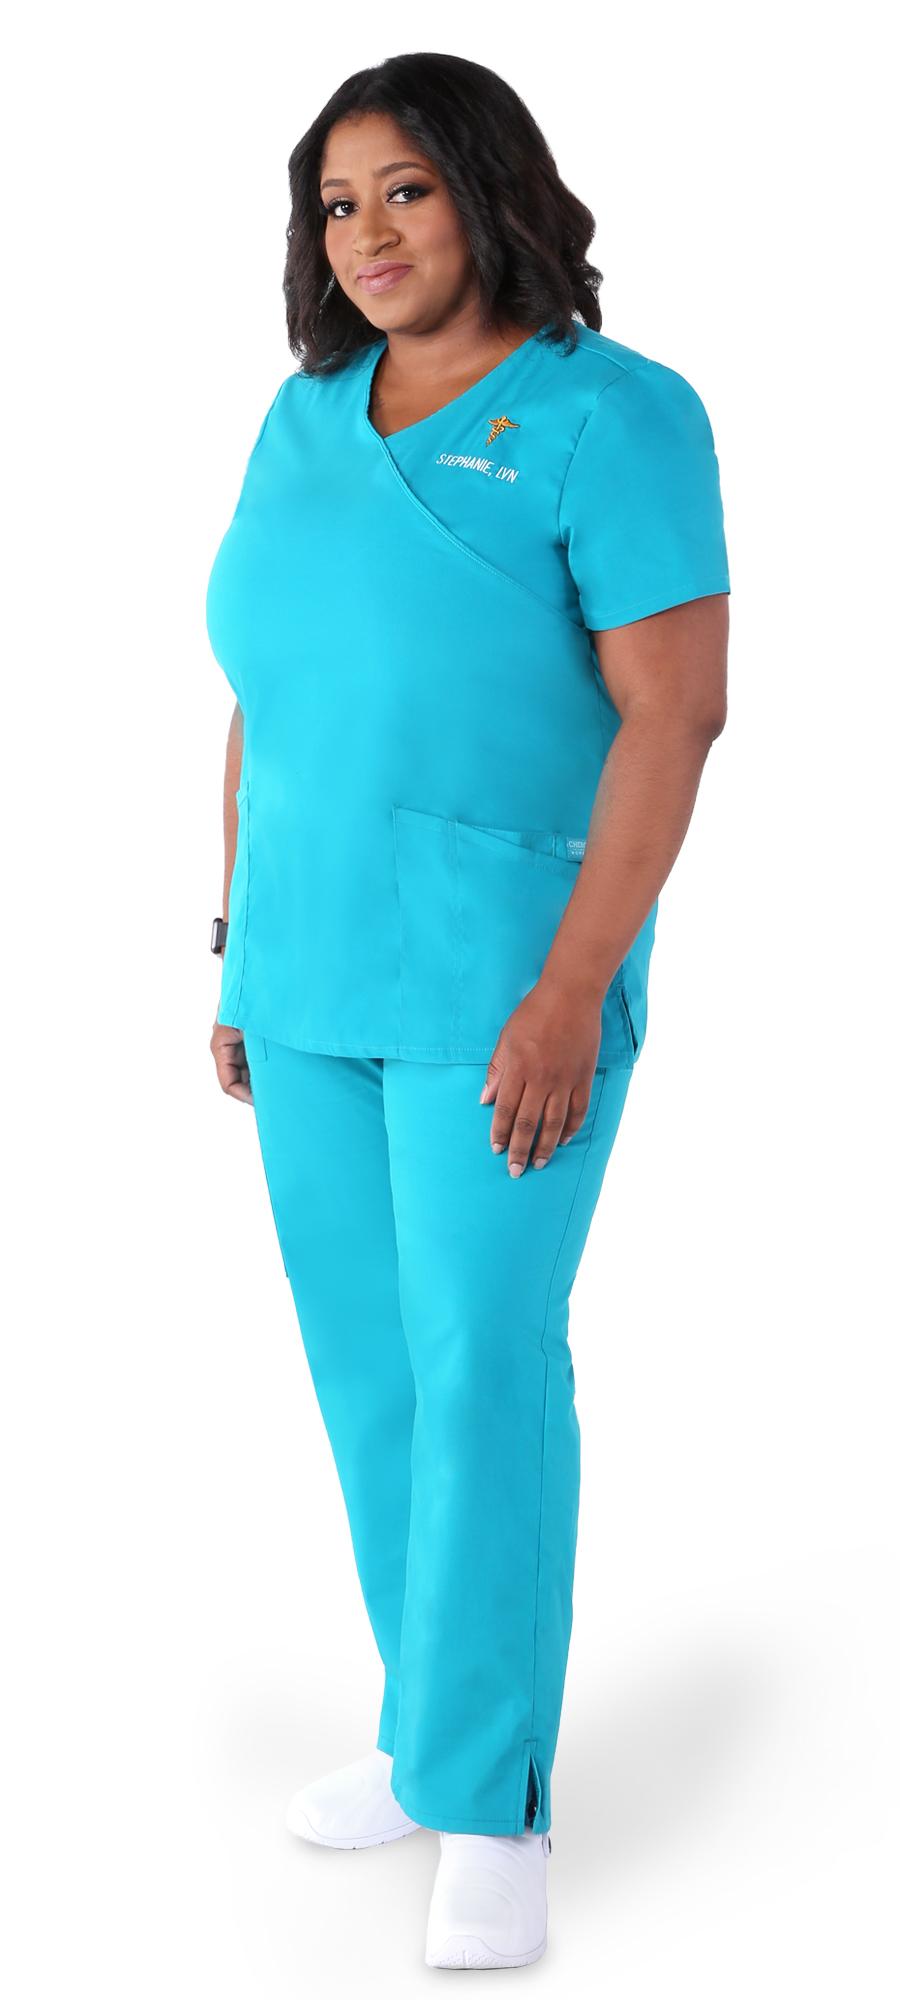 Real nurse uniform